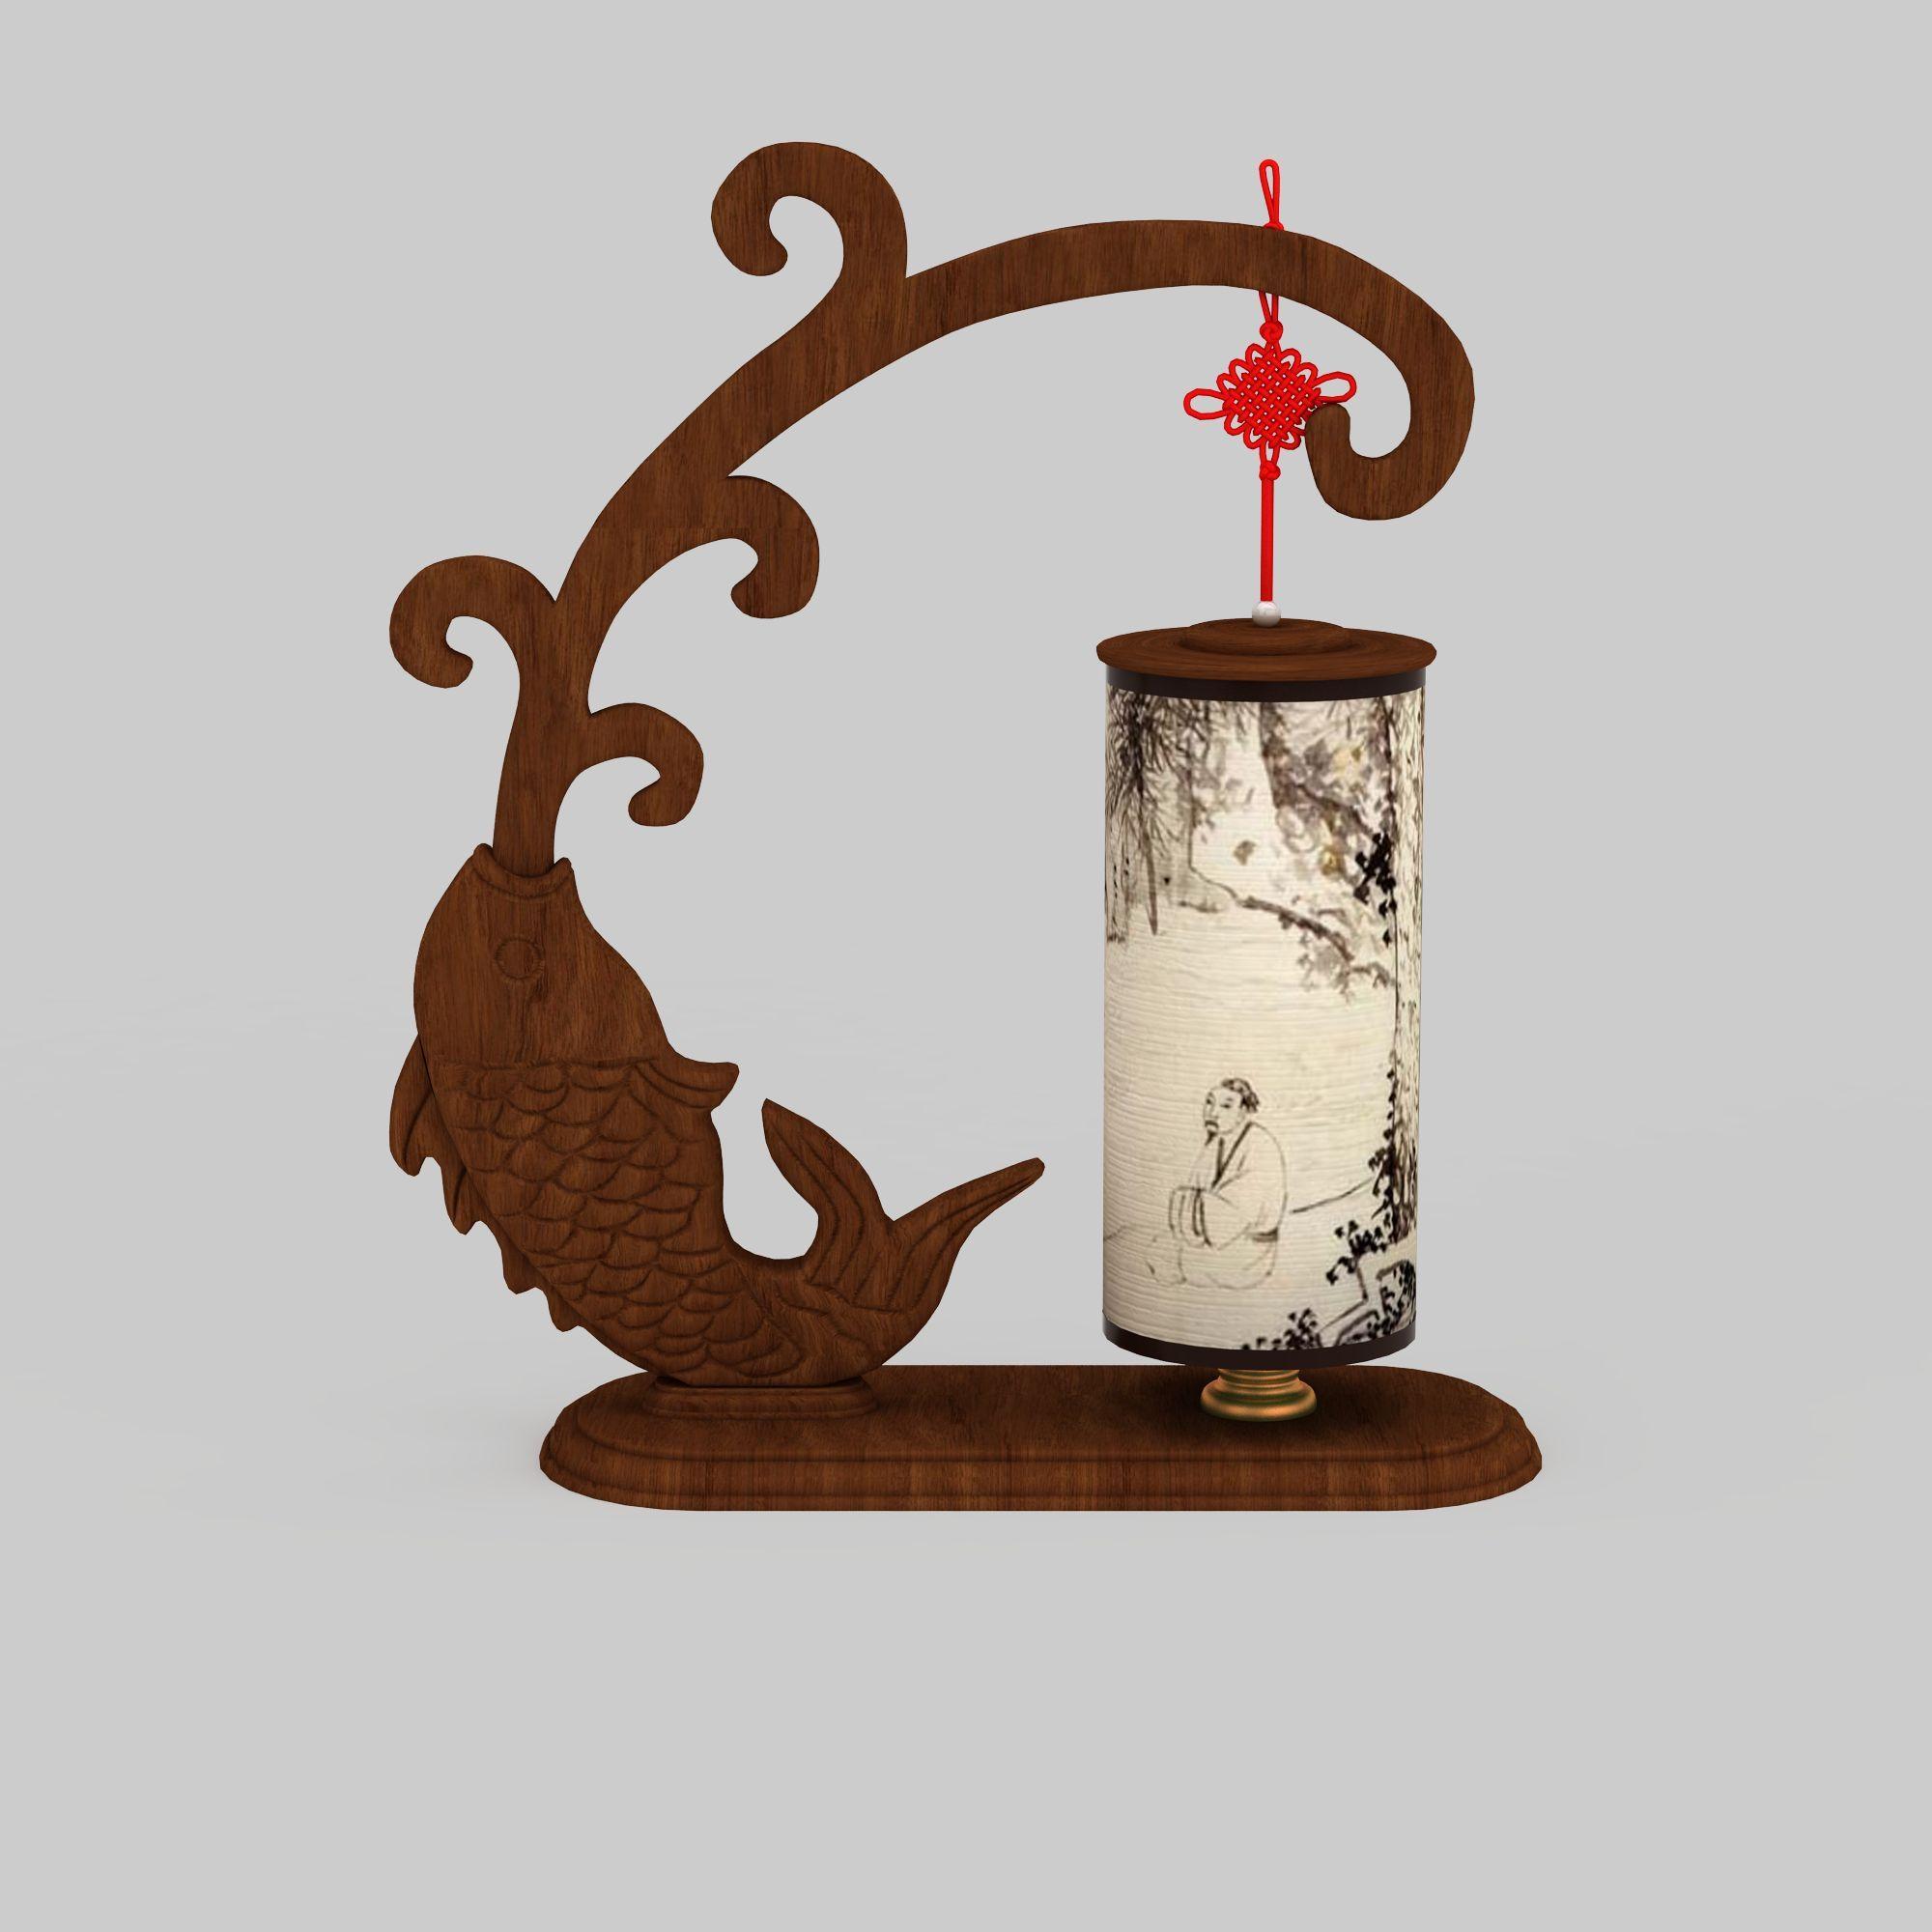 中式鱼造型装饰台灯png高清图  中式鱼造型装饰台灯高清图详情 设计师